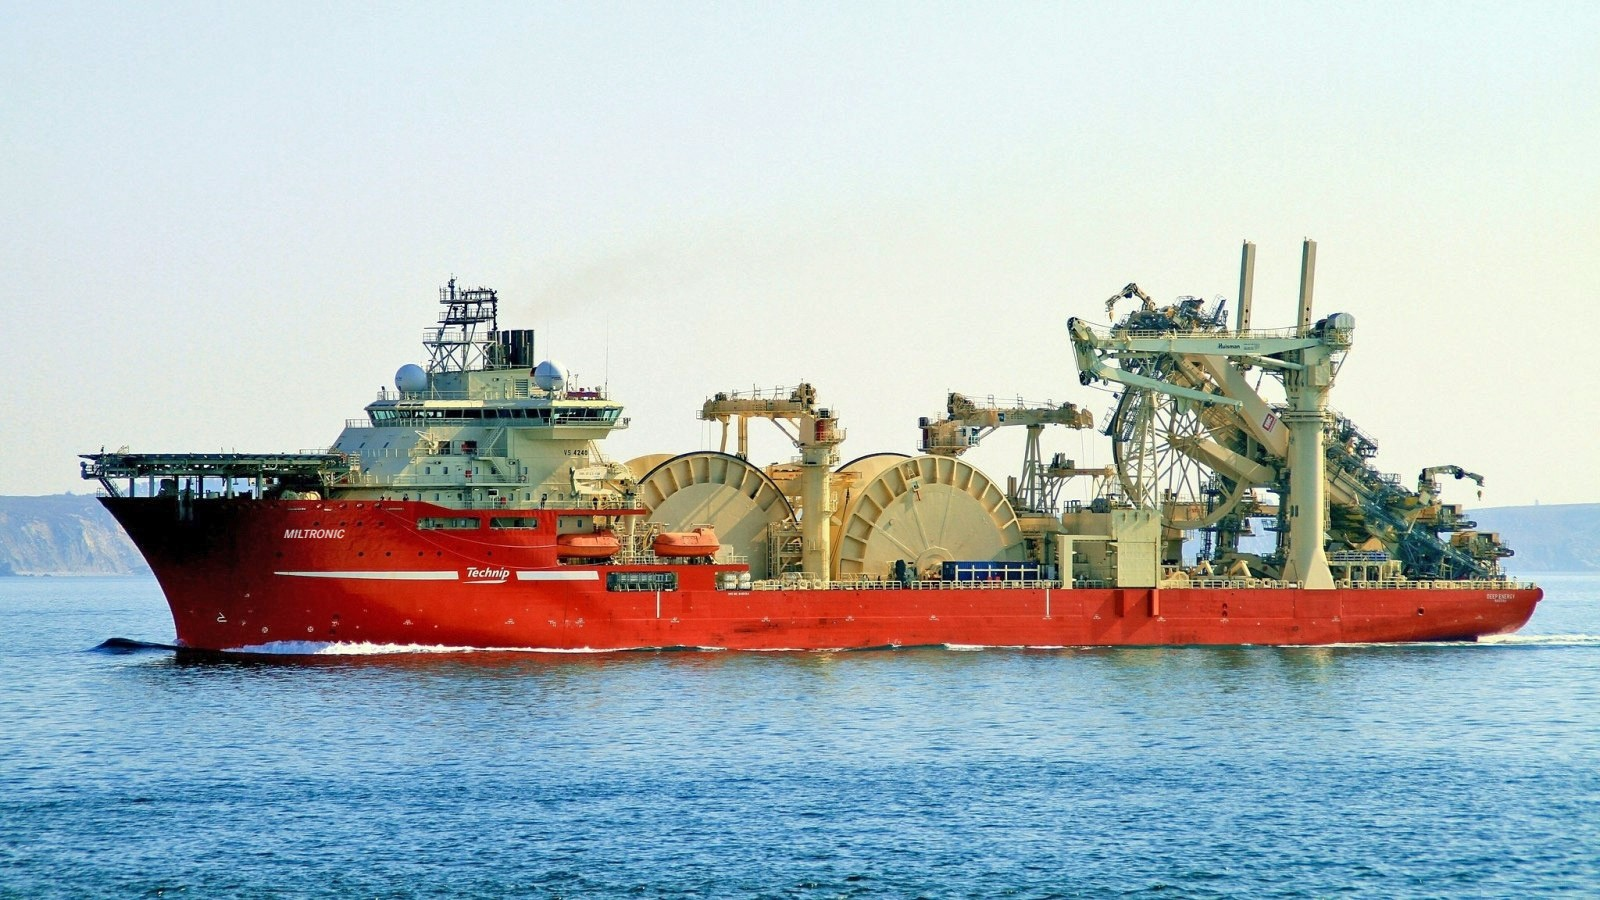 Miltronic sine kabelløsninger kan brukes til de fleste skip, marine og offshore applikasjoner.